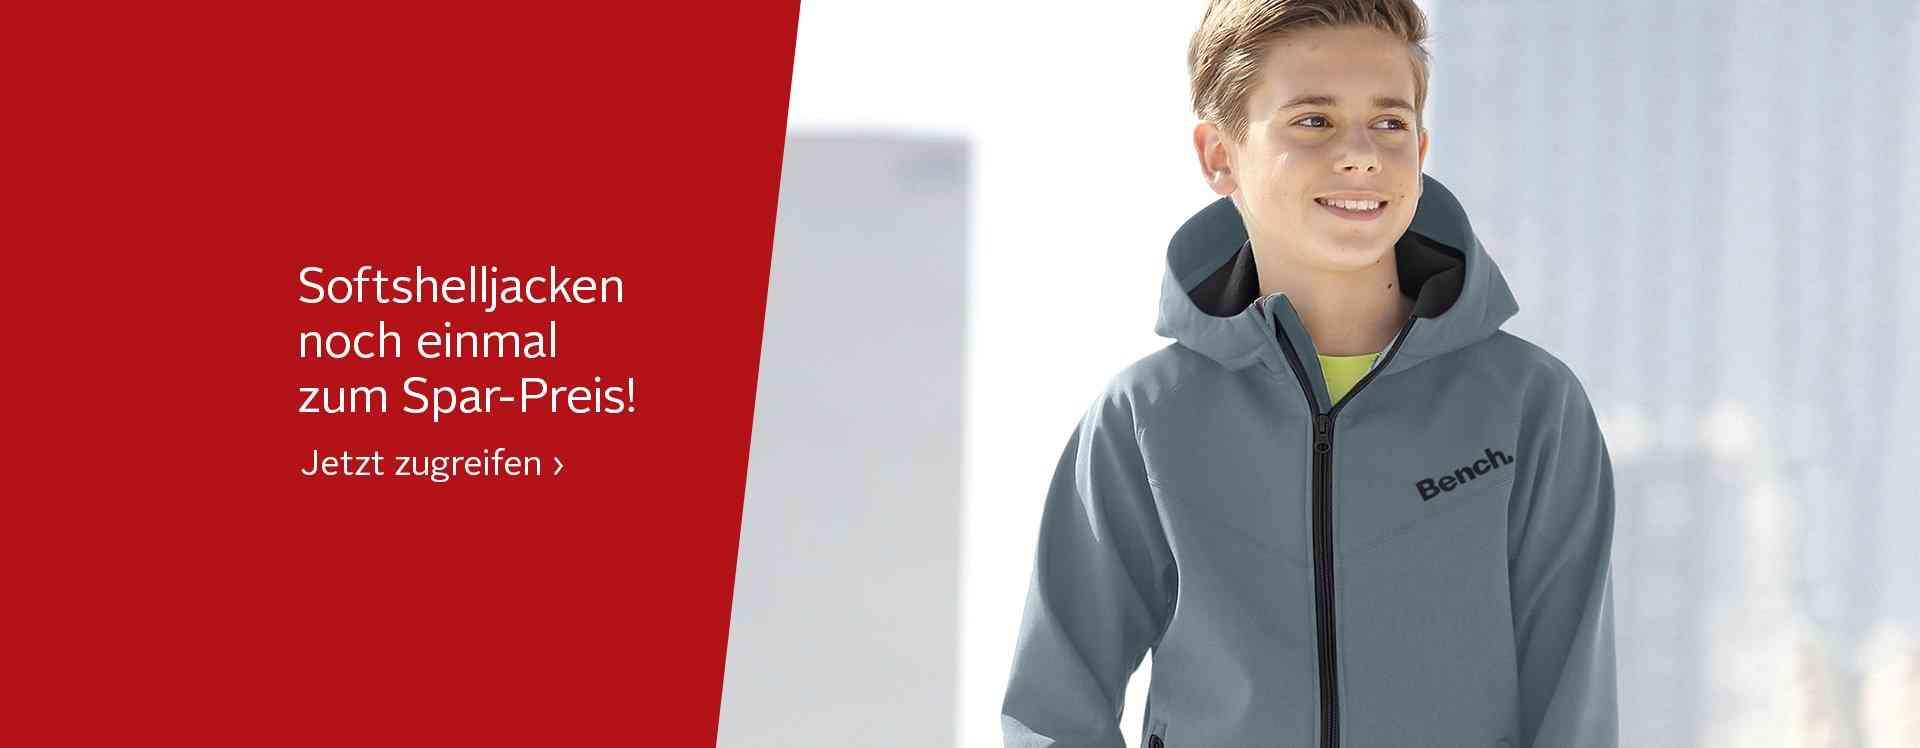 Kinderjacken für Jungen – modisch aktuell, für jede Jahreszeit und jeden Anlass. Hier finden Sie Jungenjacken wie z.B. Jeansjacken, Softshelljacken, Westen & viel mehr. Entdecken Sie die Vielfalt.